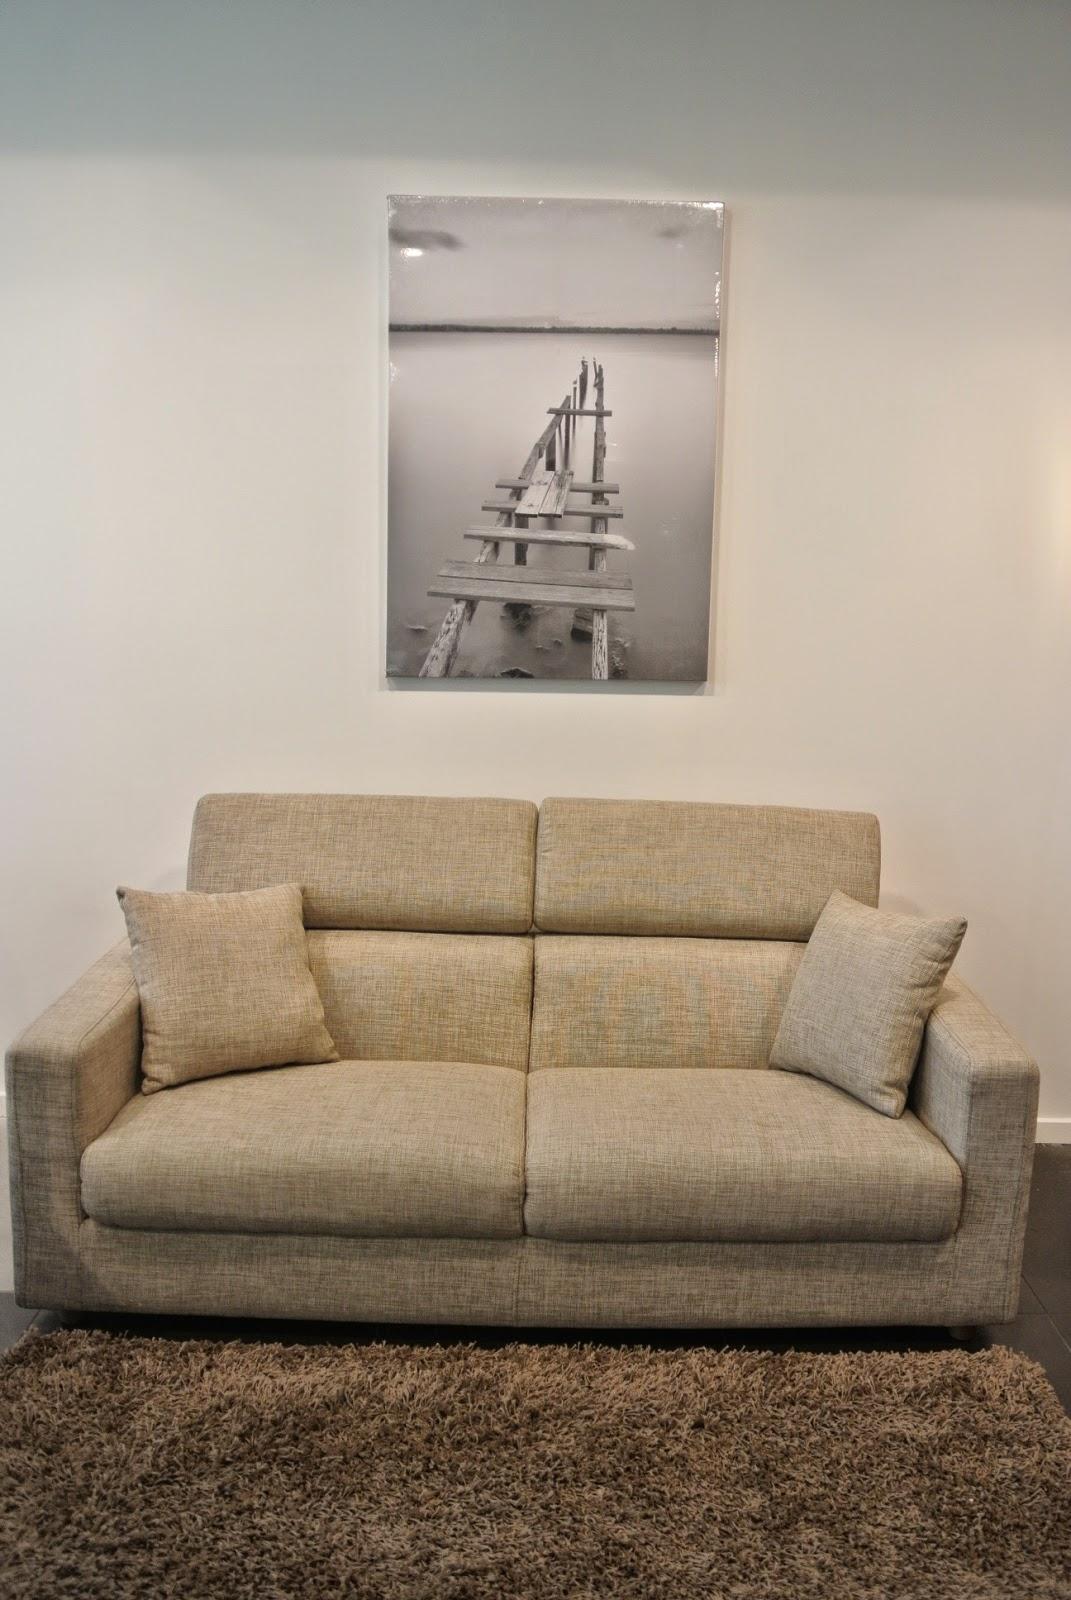 mon mobilier domicile la livraison premium vous simplifie la vie. Black Bedroom Furniture Sets. Home Design Ideas